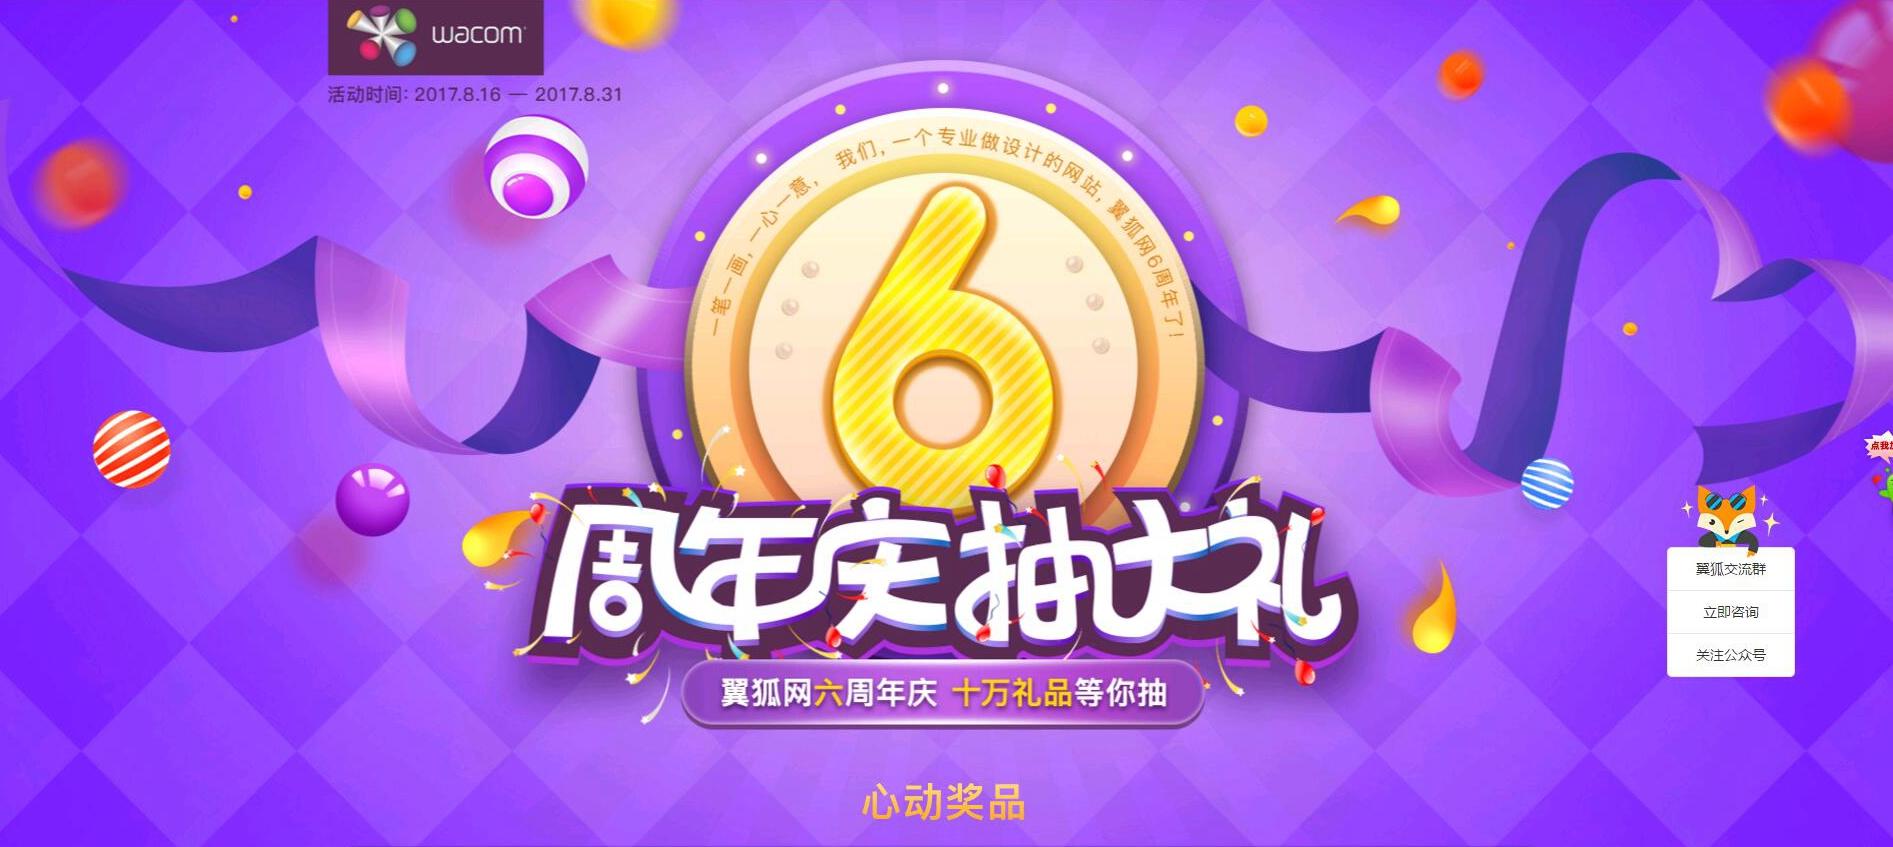 翼狐网六周年庆